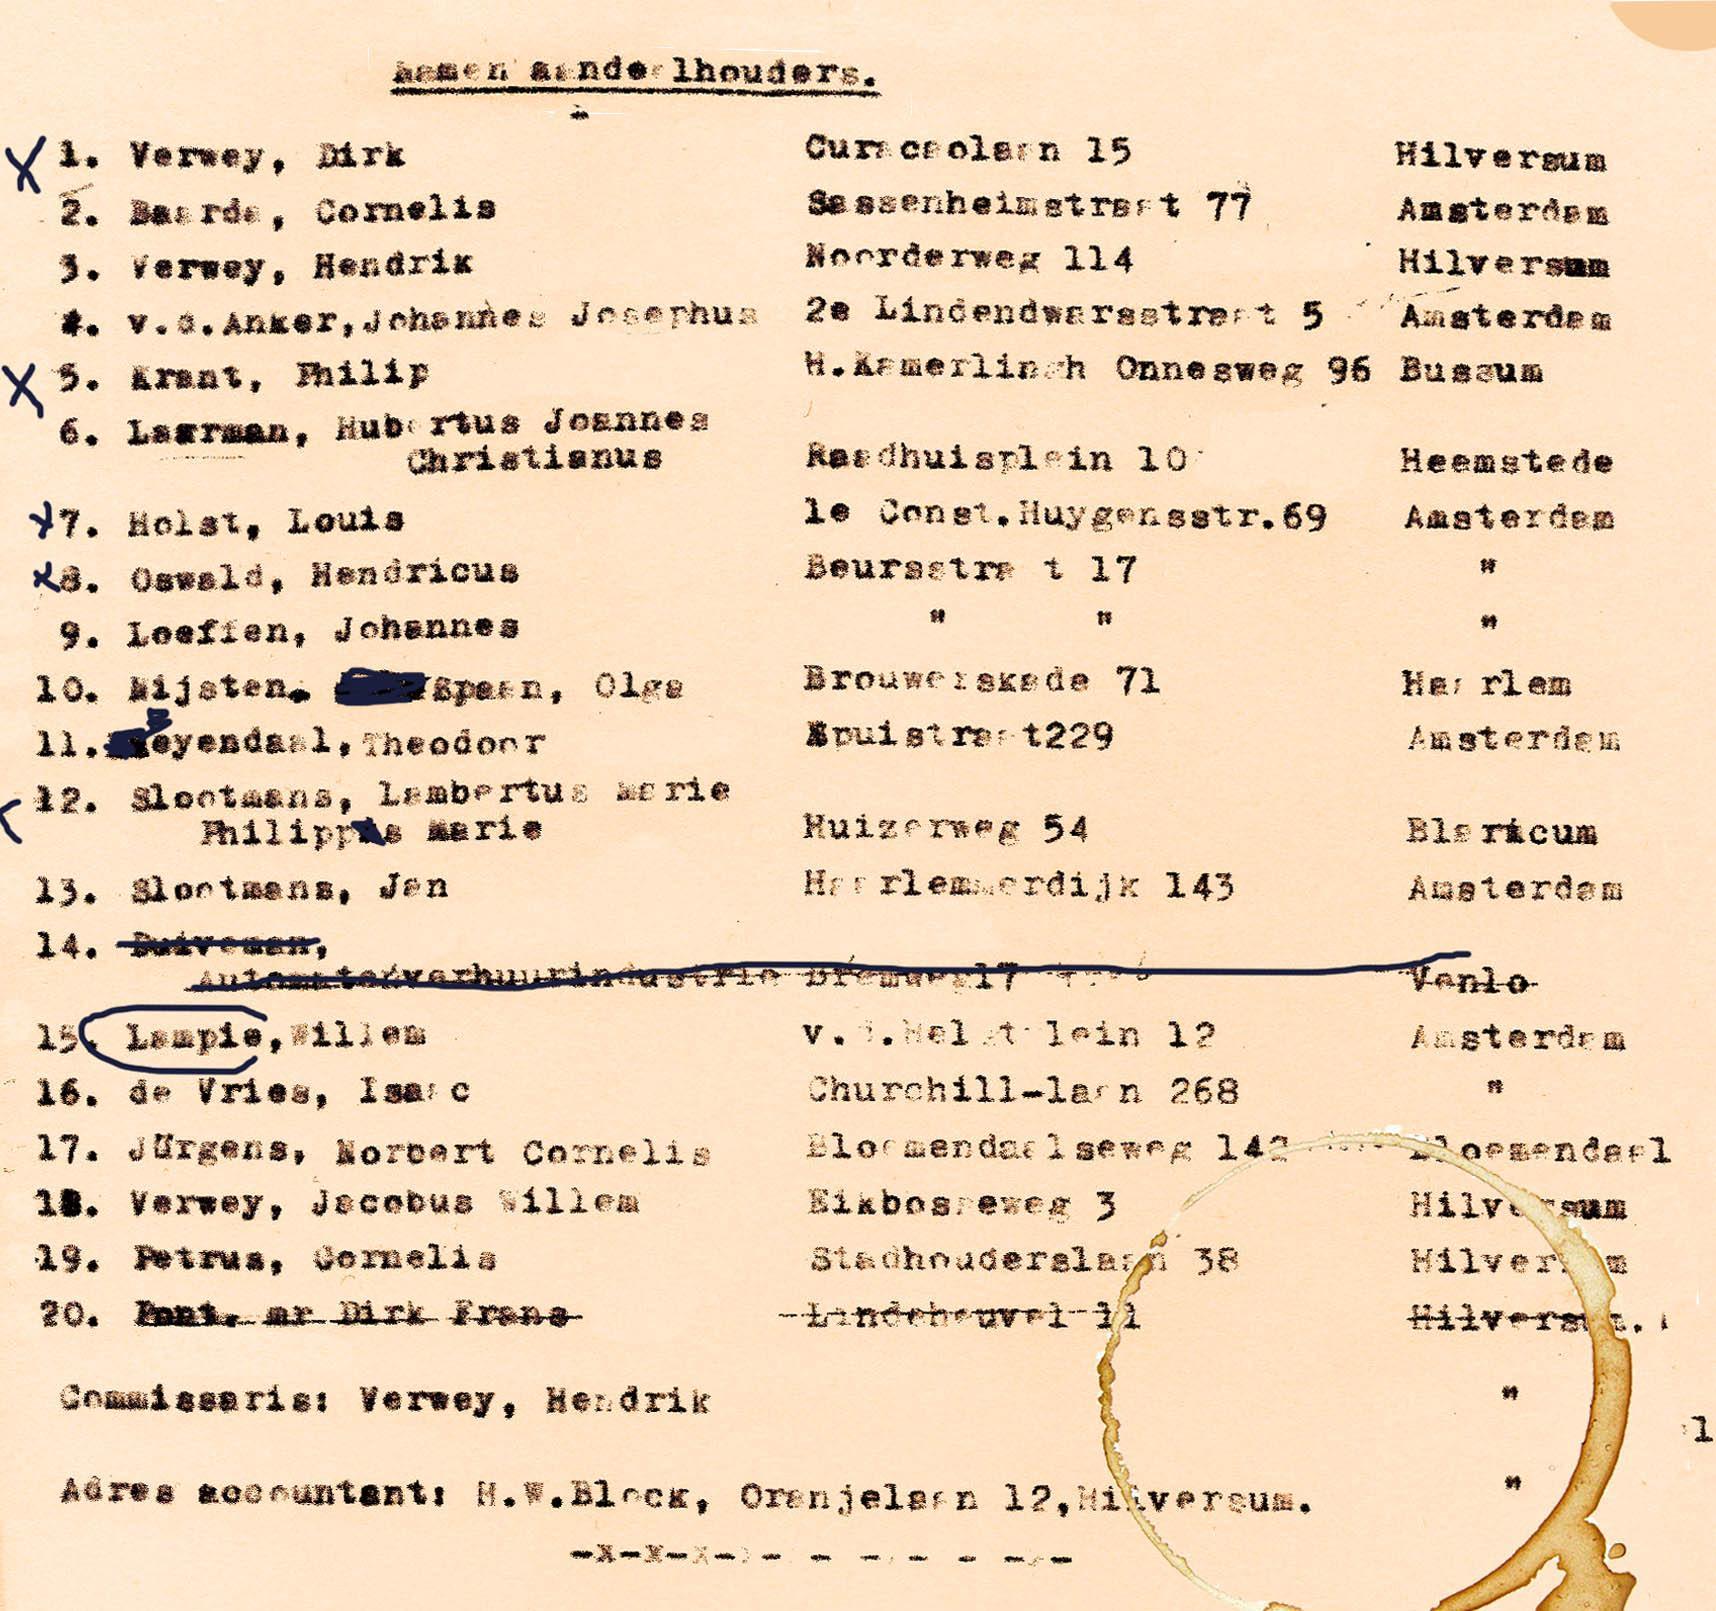 1959 Aandeelhouders-Veronica.jpg